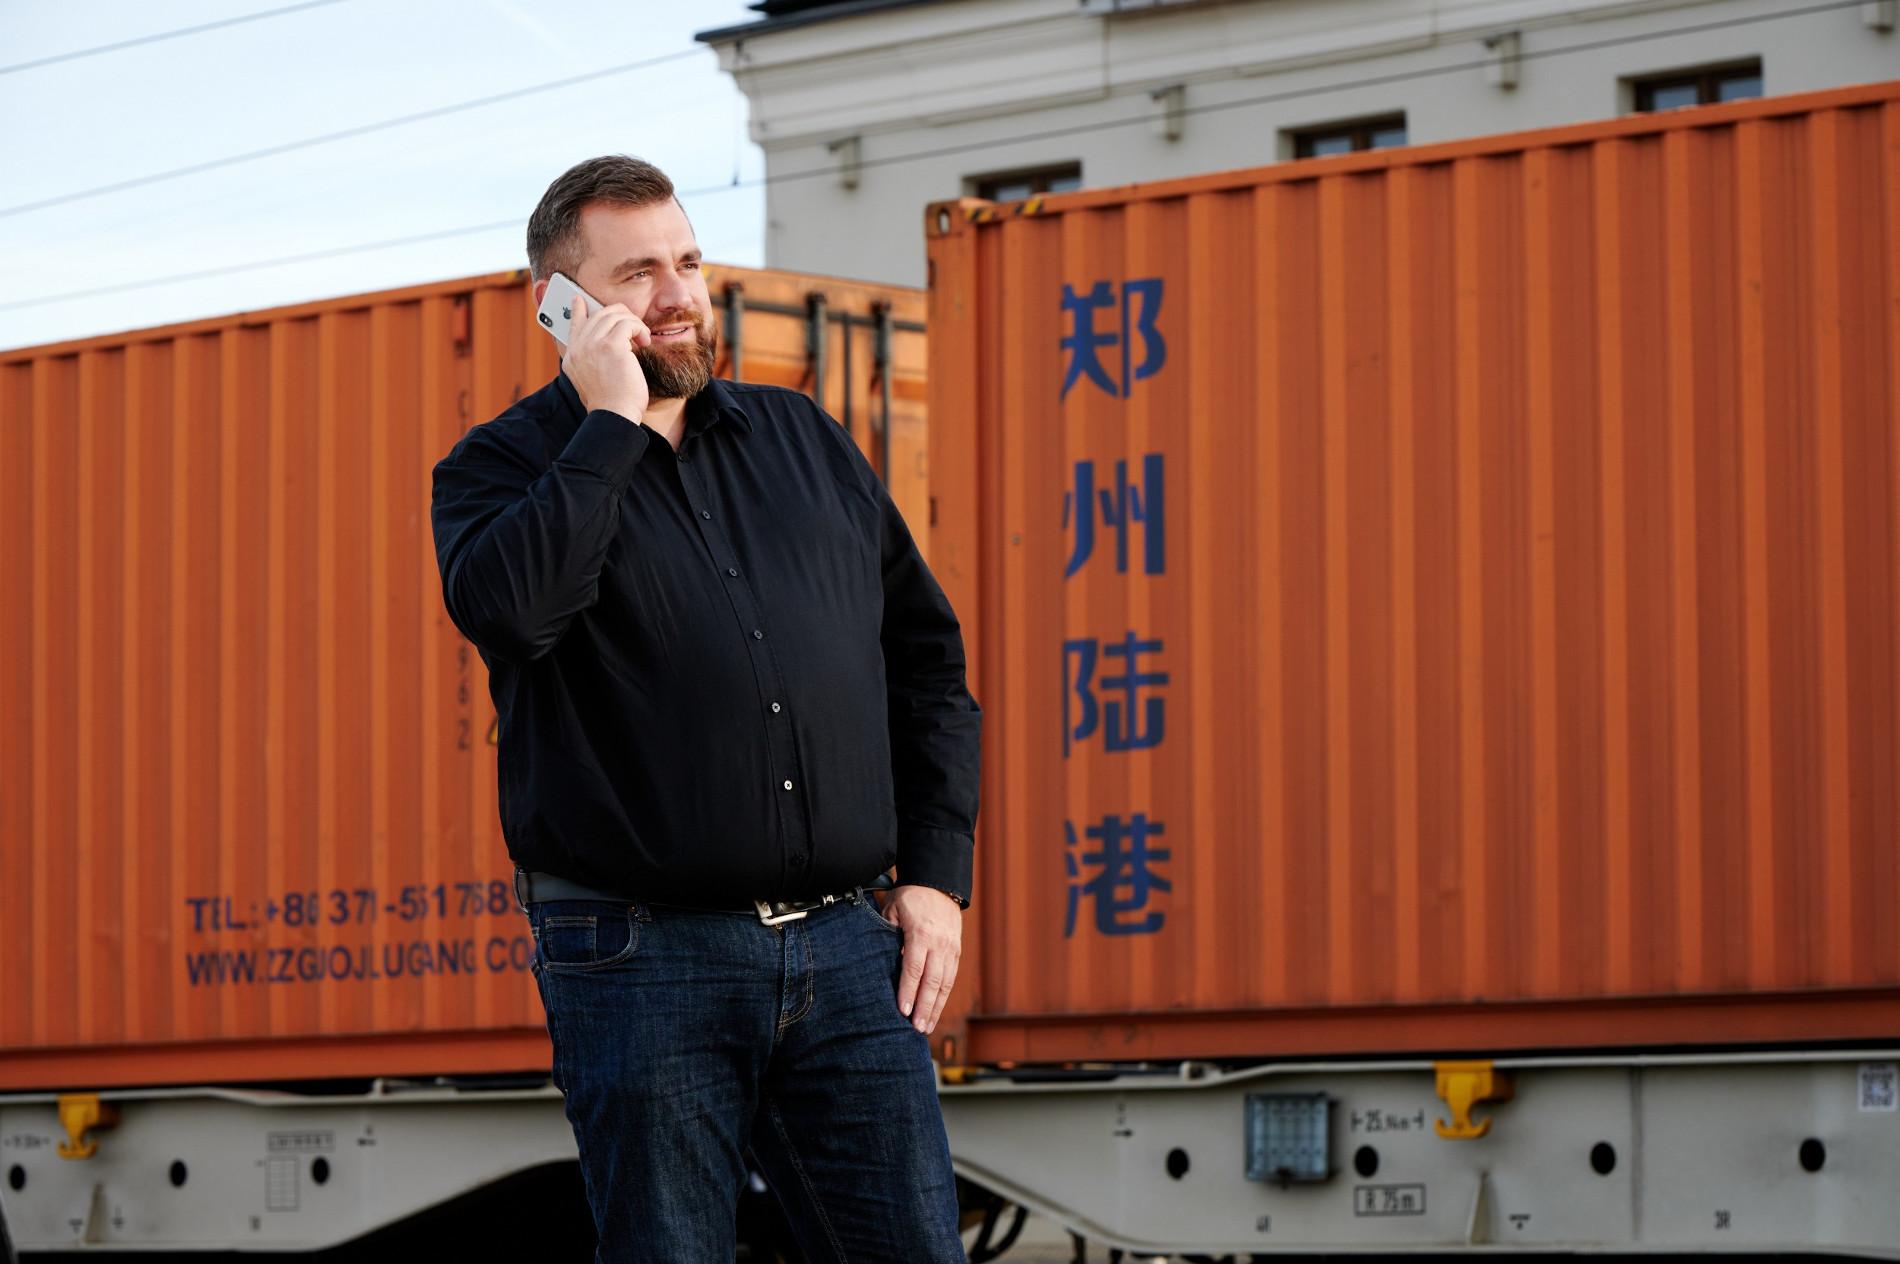 Na co zwrócić uwagę jeśli chodzi otransport kolejowy zChin?